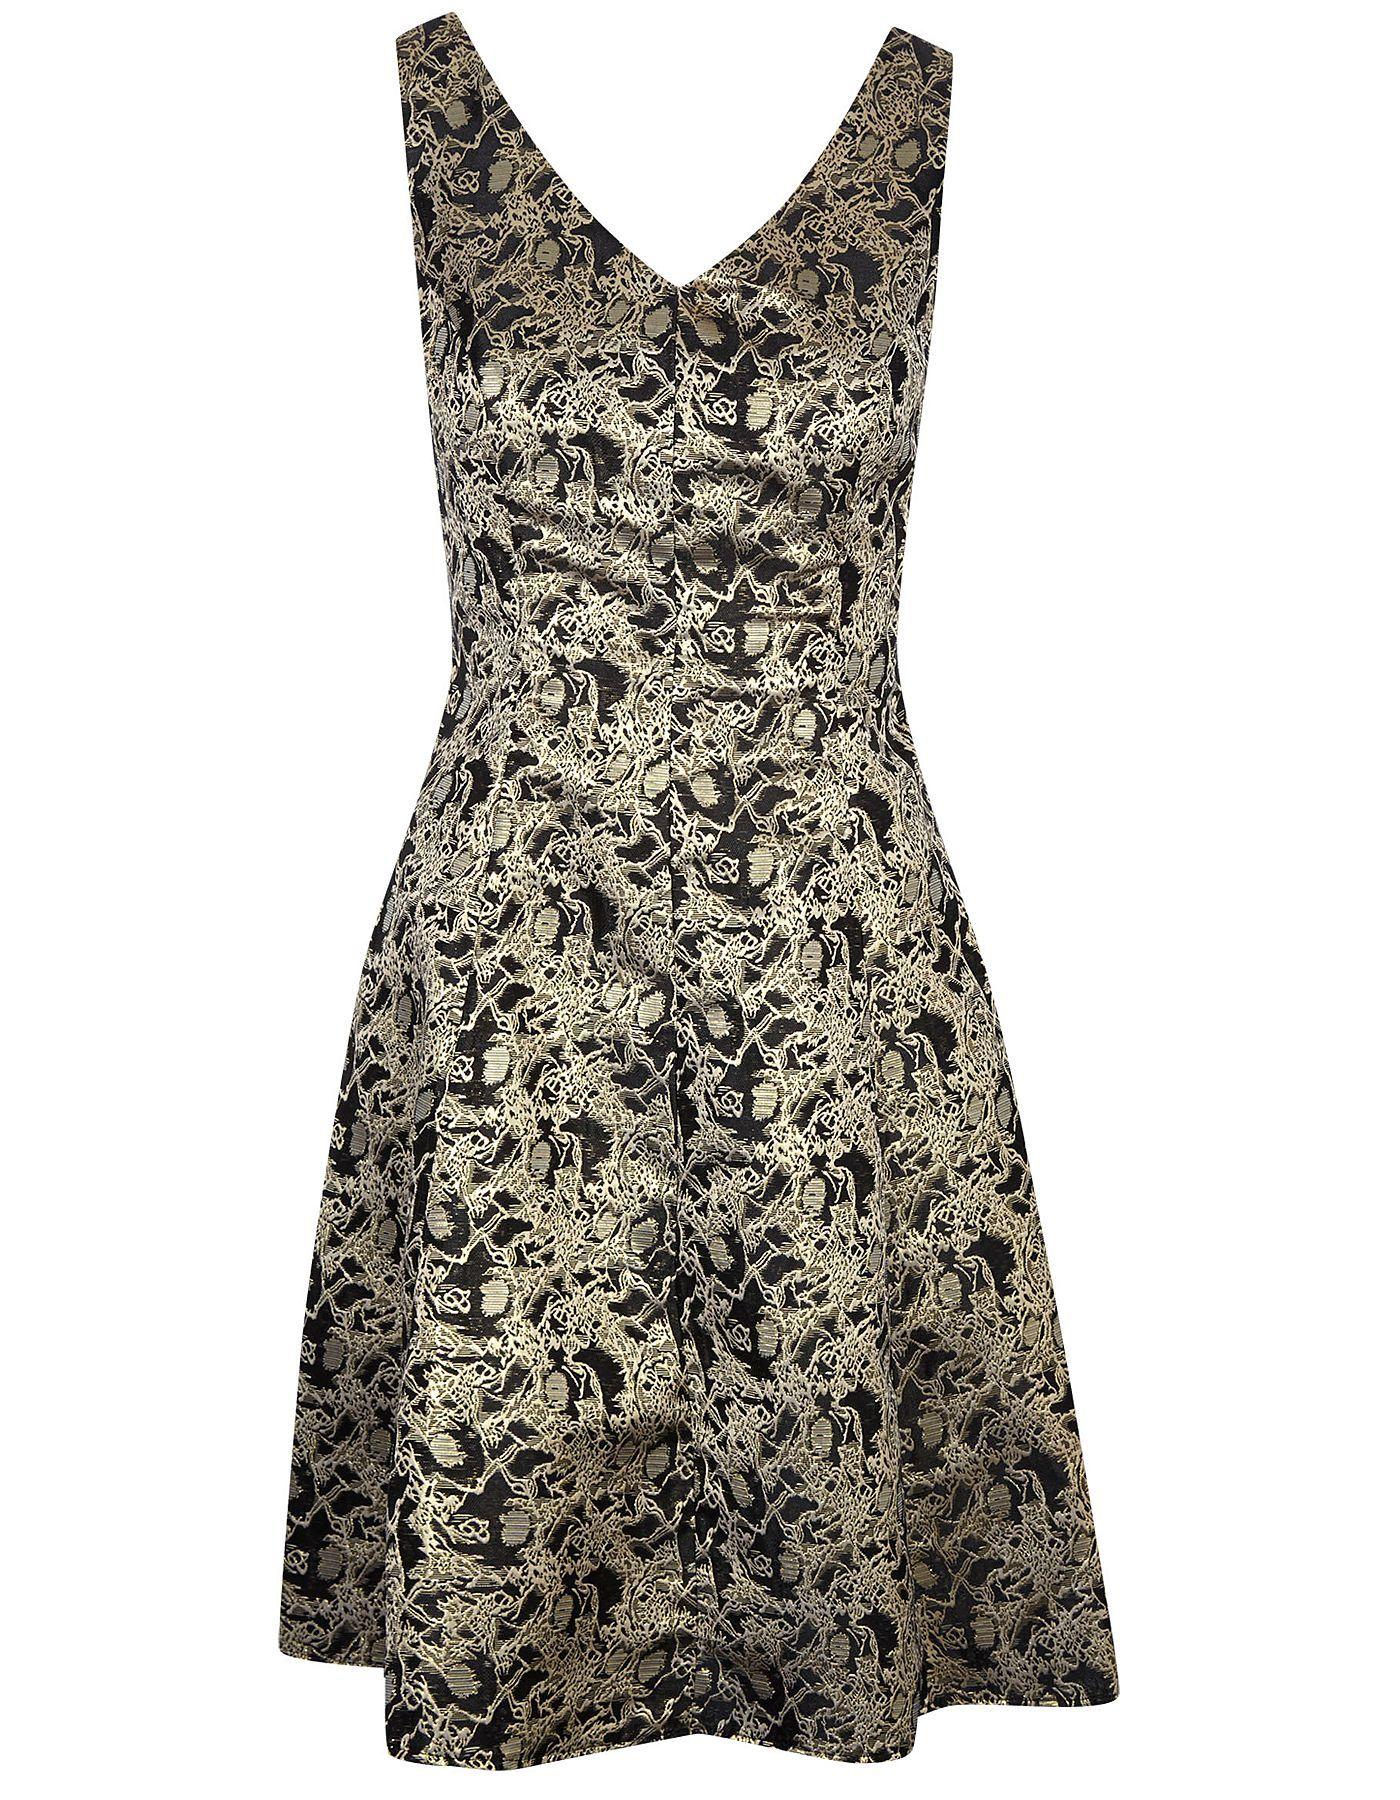 Metallic Jacquard Dress | Women | George at ASDA